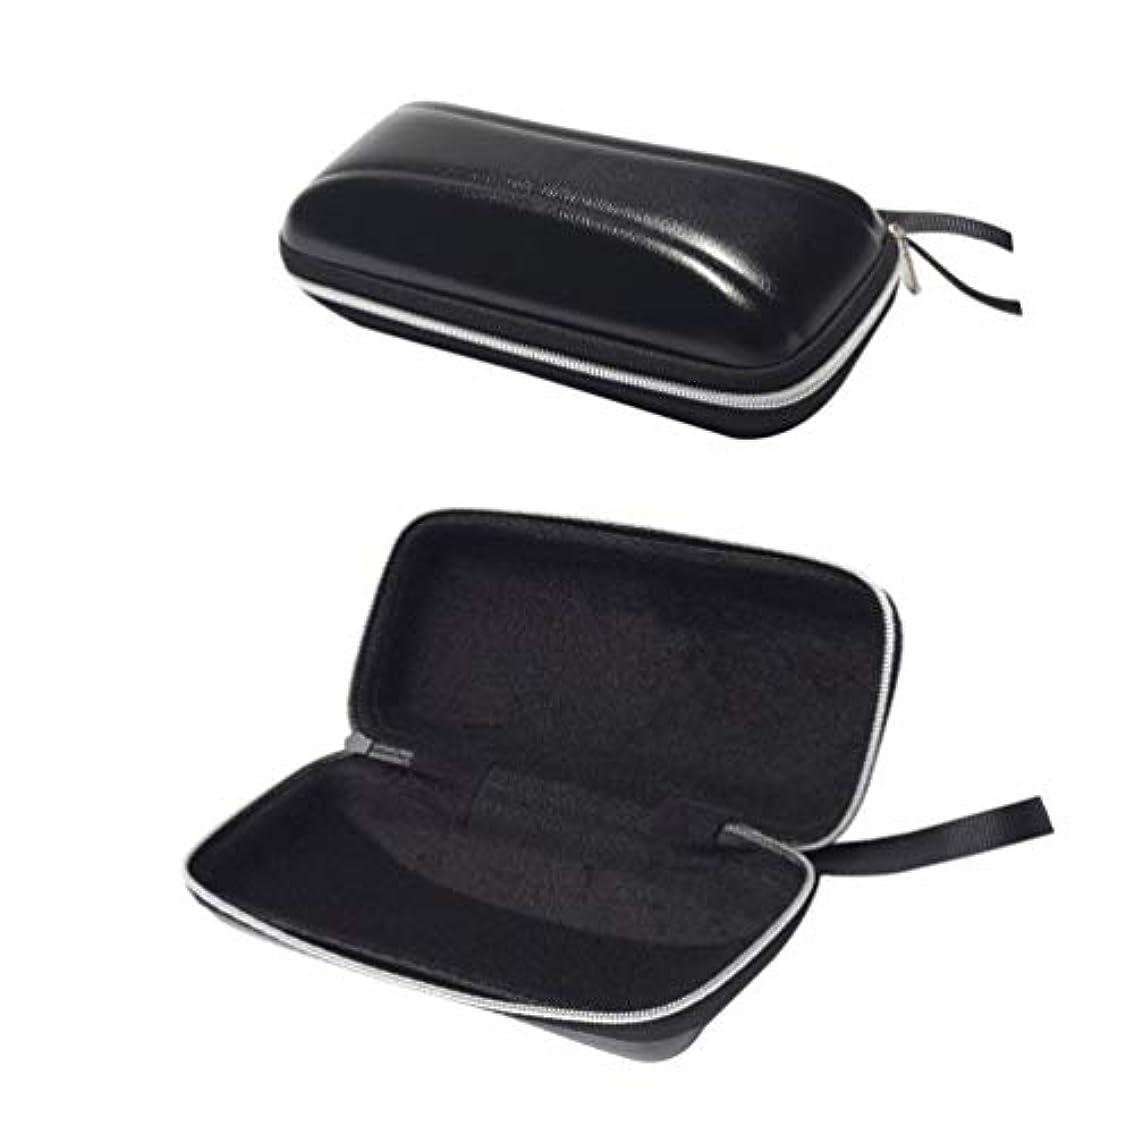 争い受信機素晴らしいHealifty フック付き2ピース旅行ジッパーサングラス眼鏡ケースボックスバッグ